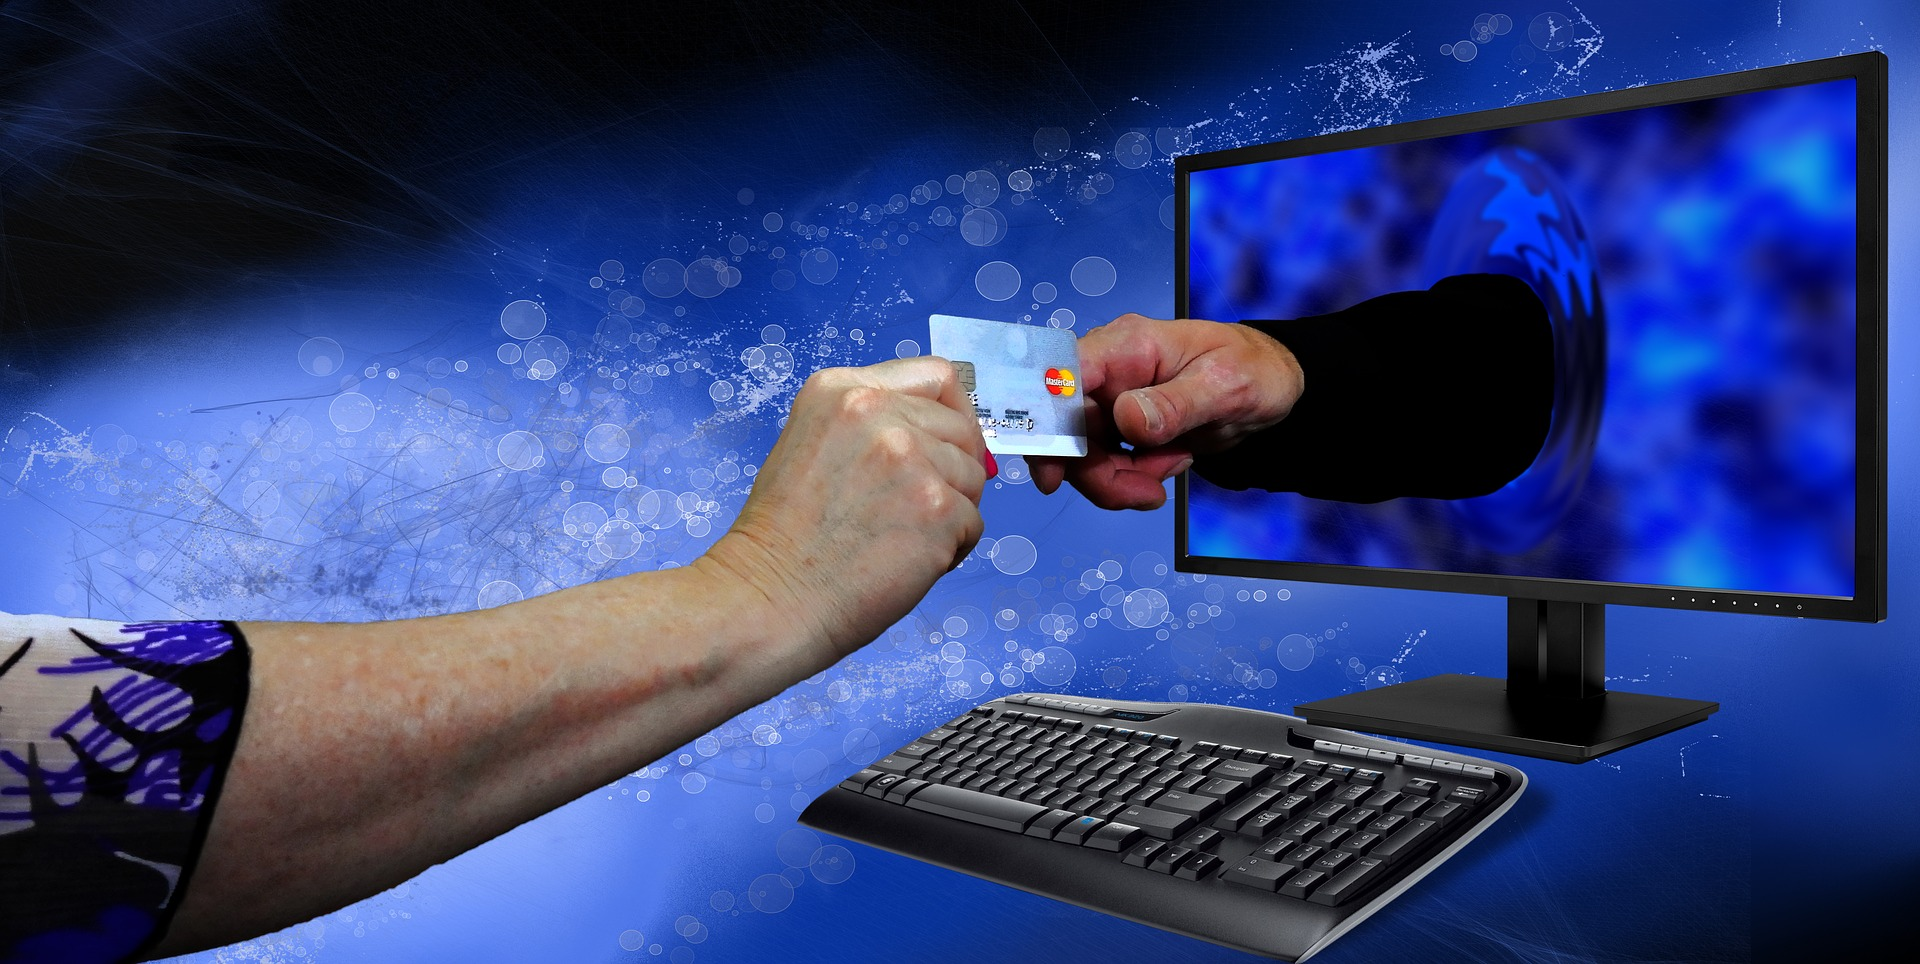 Kreditkarte bei Hotelbuchungen - mit der Prepaid Mastercard sparen - vom PC aus bestellen oder Smartphone